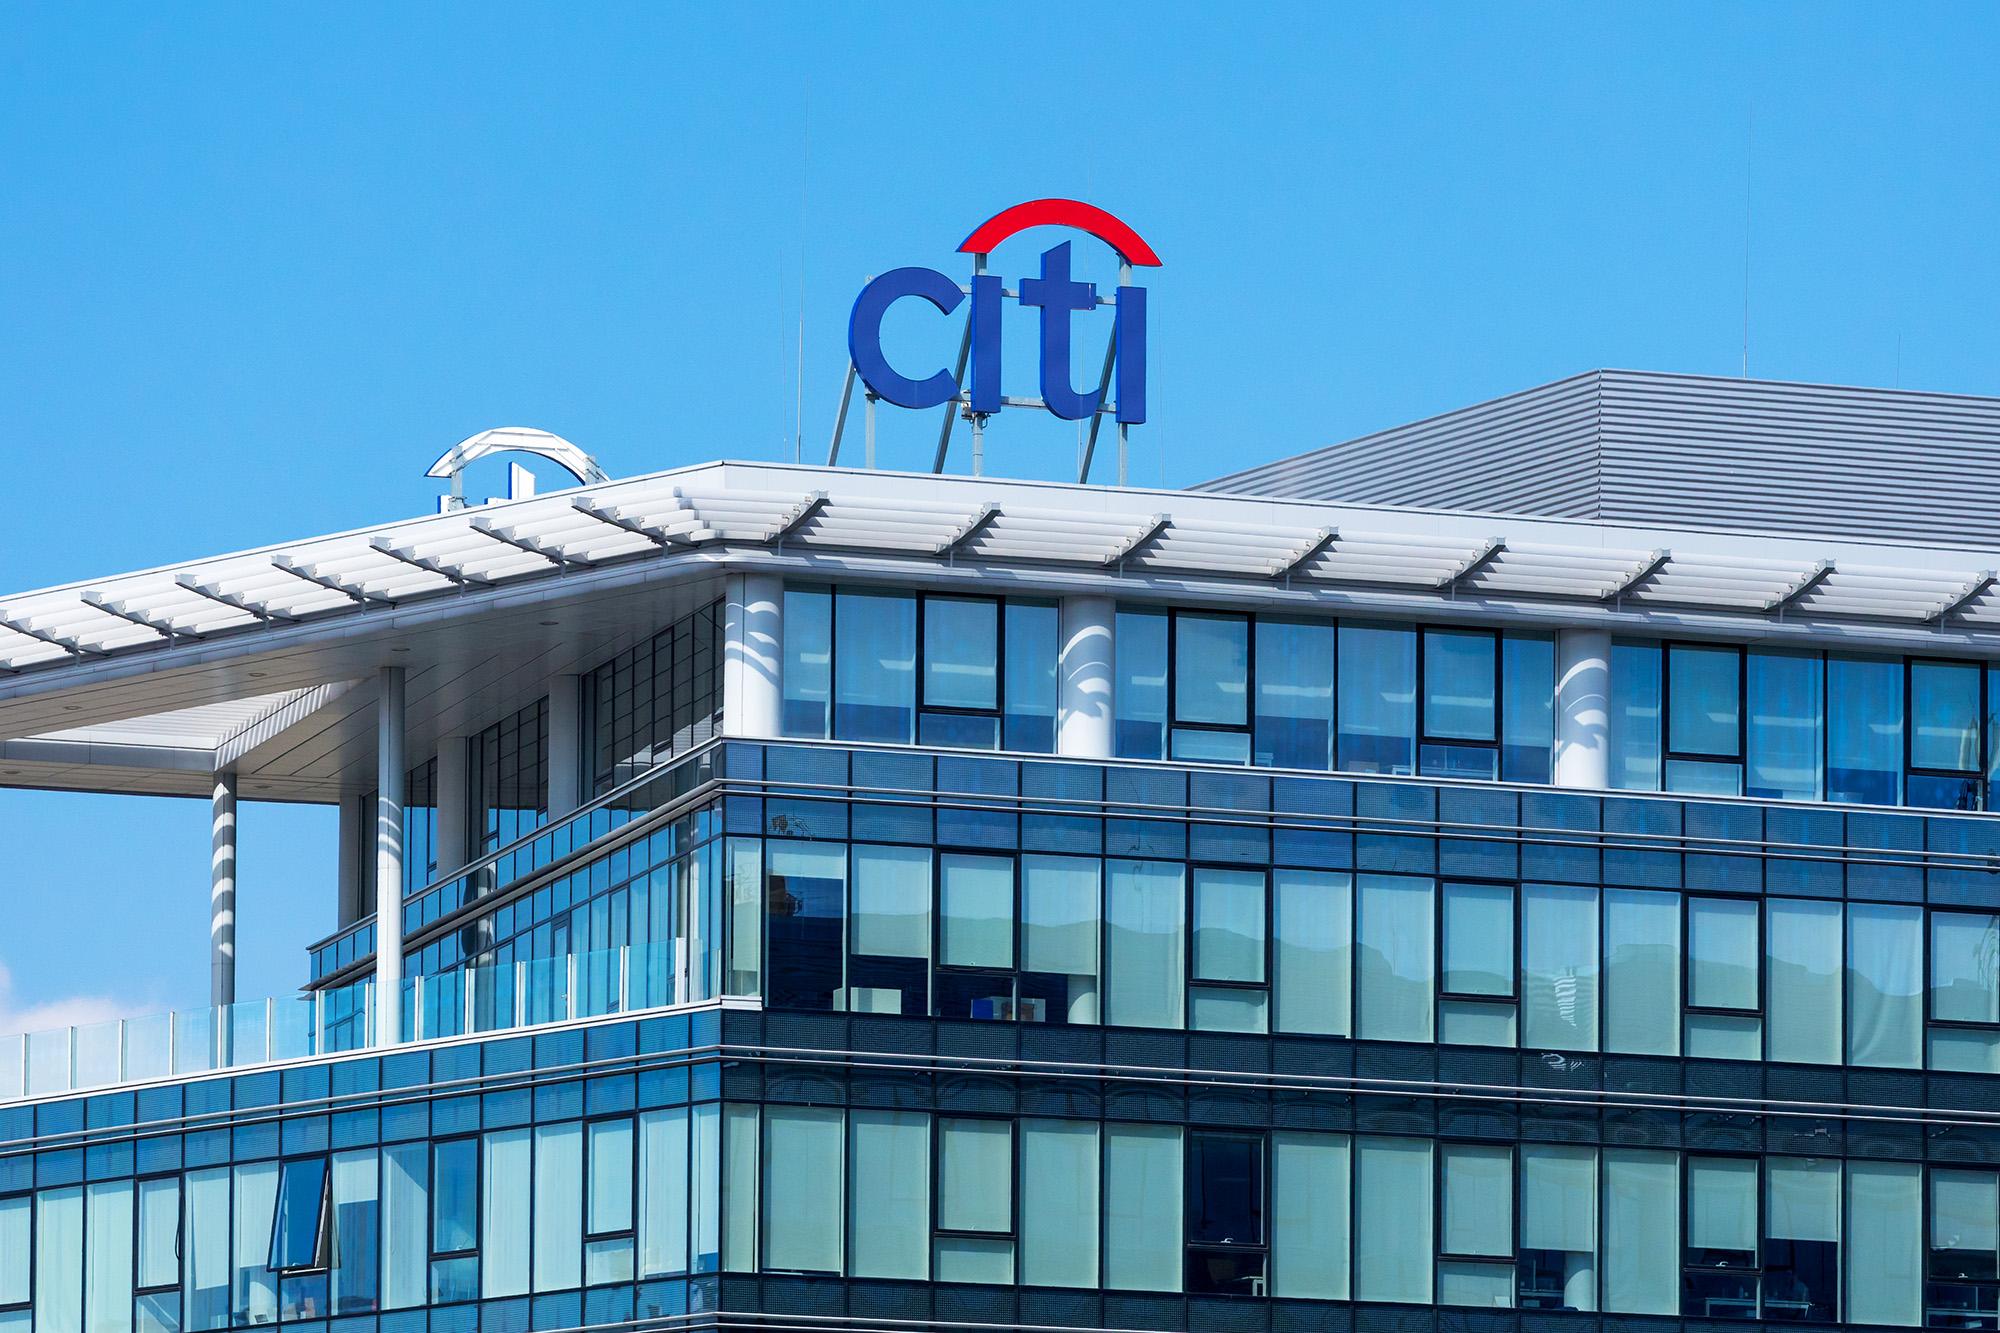 Citi Building (Konektus Photo SS)